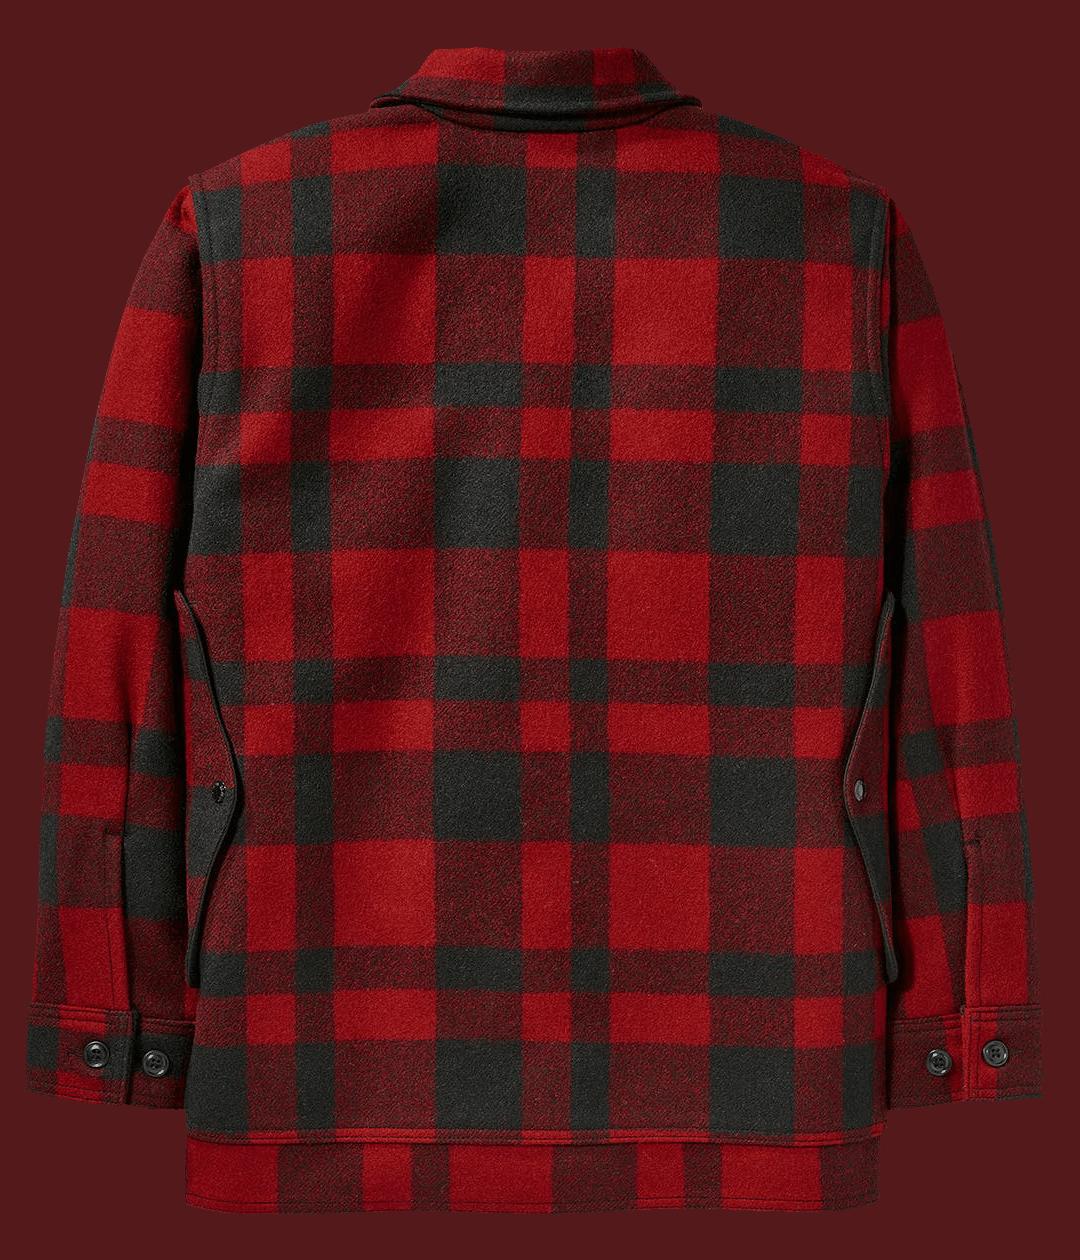 Filson Mackinaw Cruiser - Red/Black